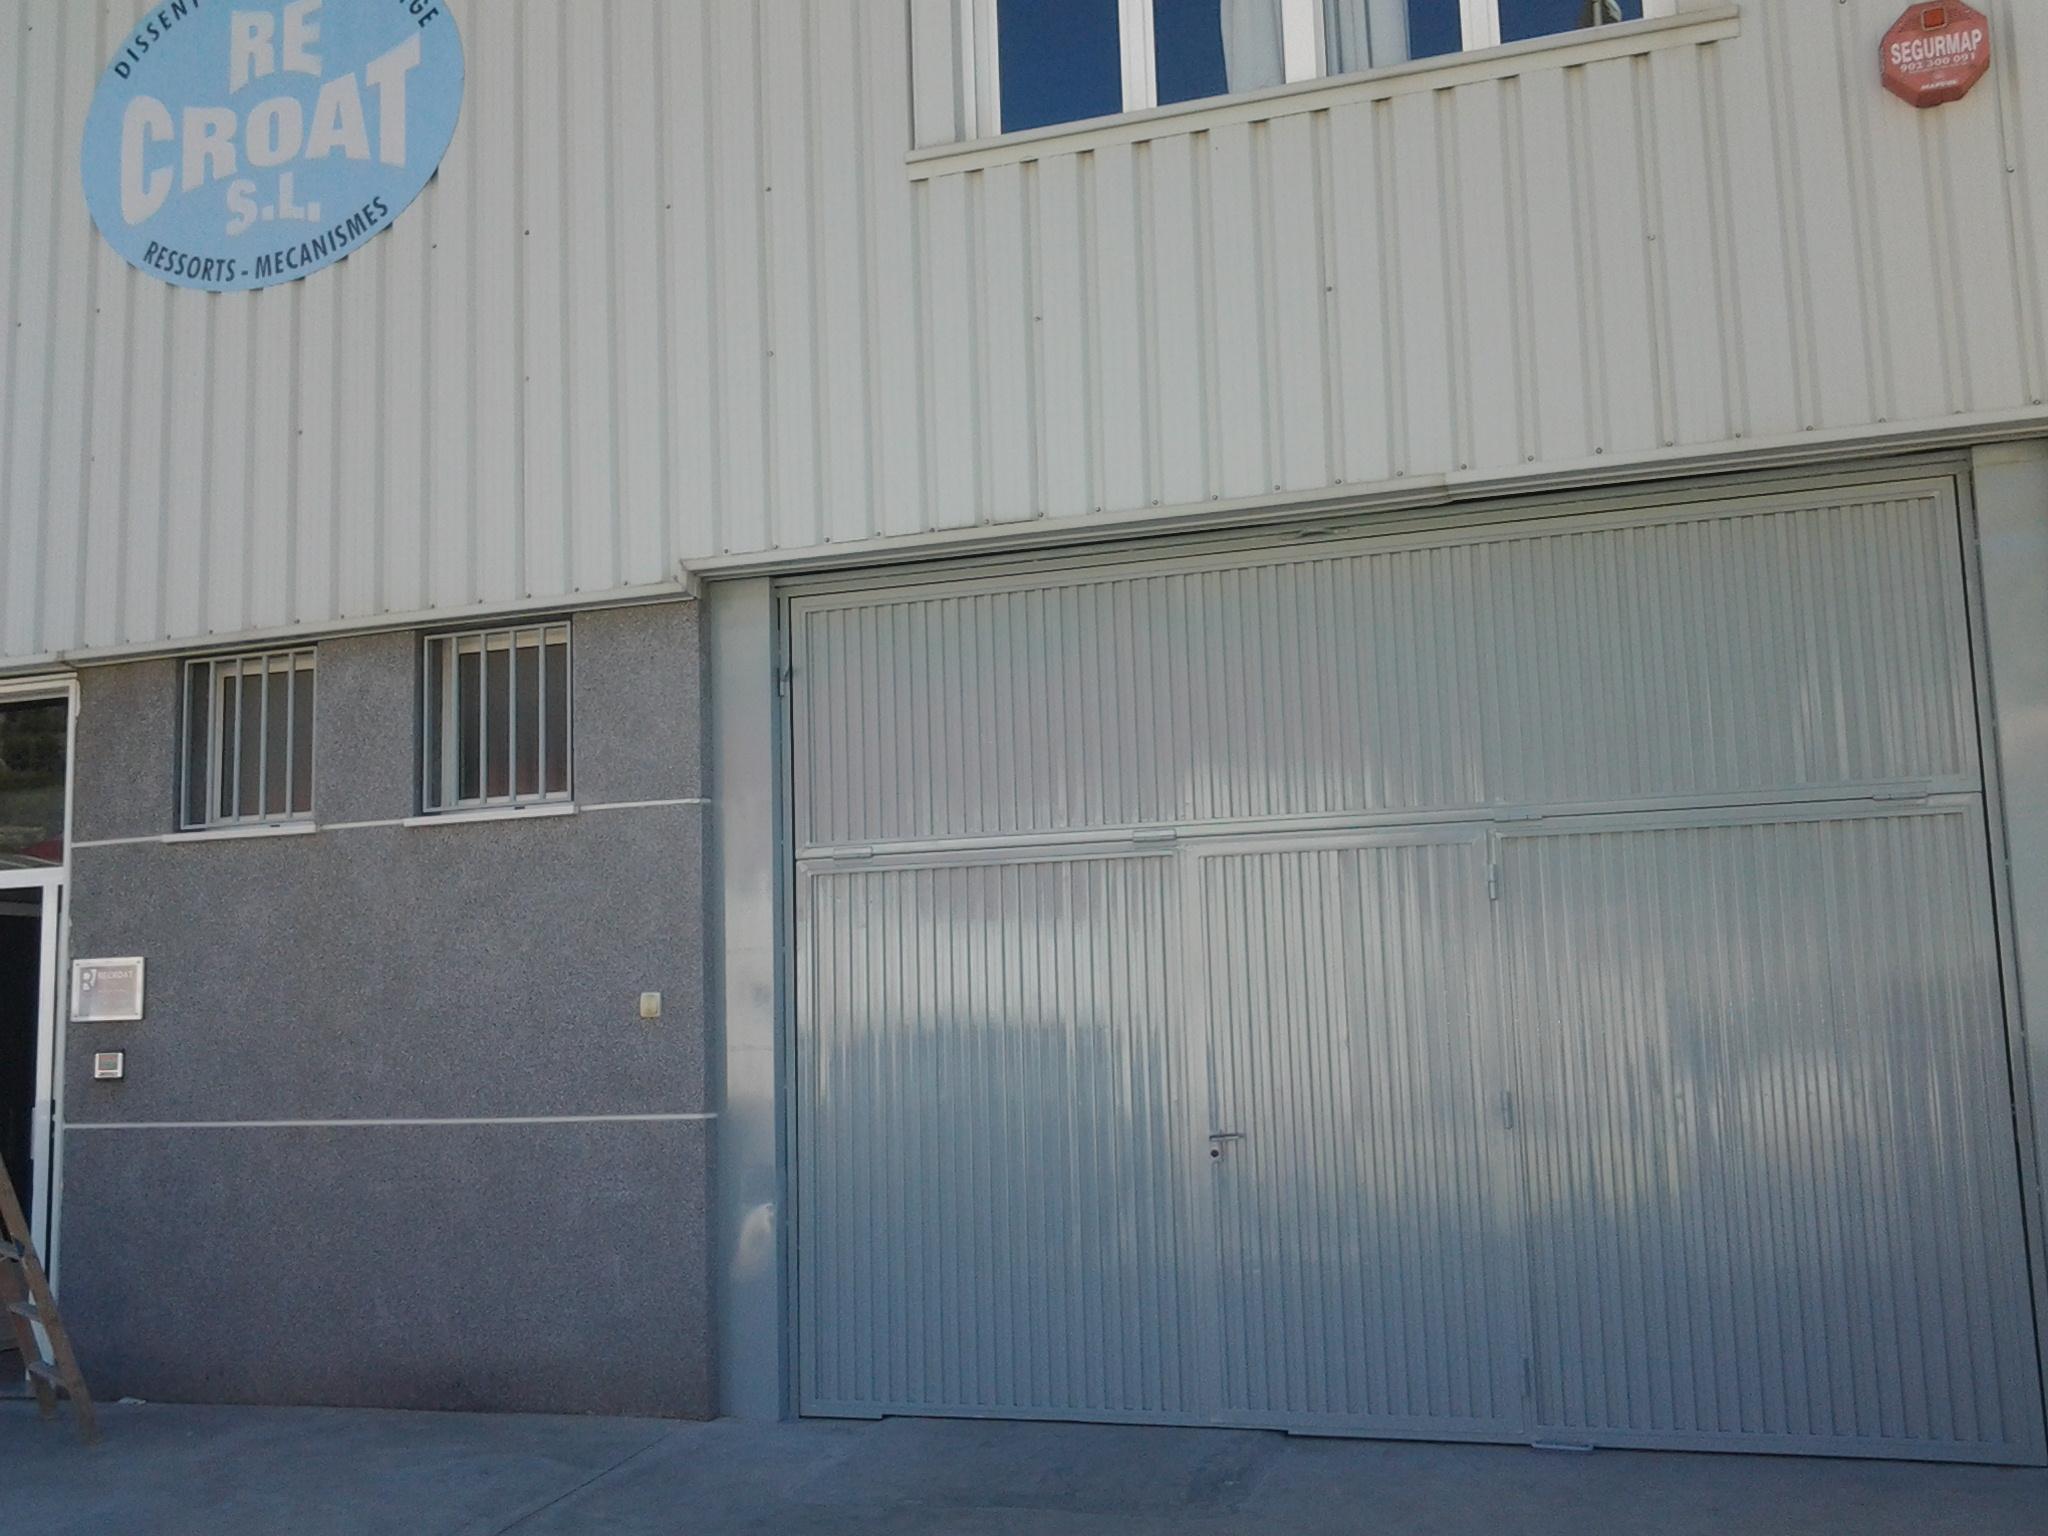 Puerta de la nave inbdustrial después del trabajo de lacado